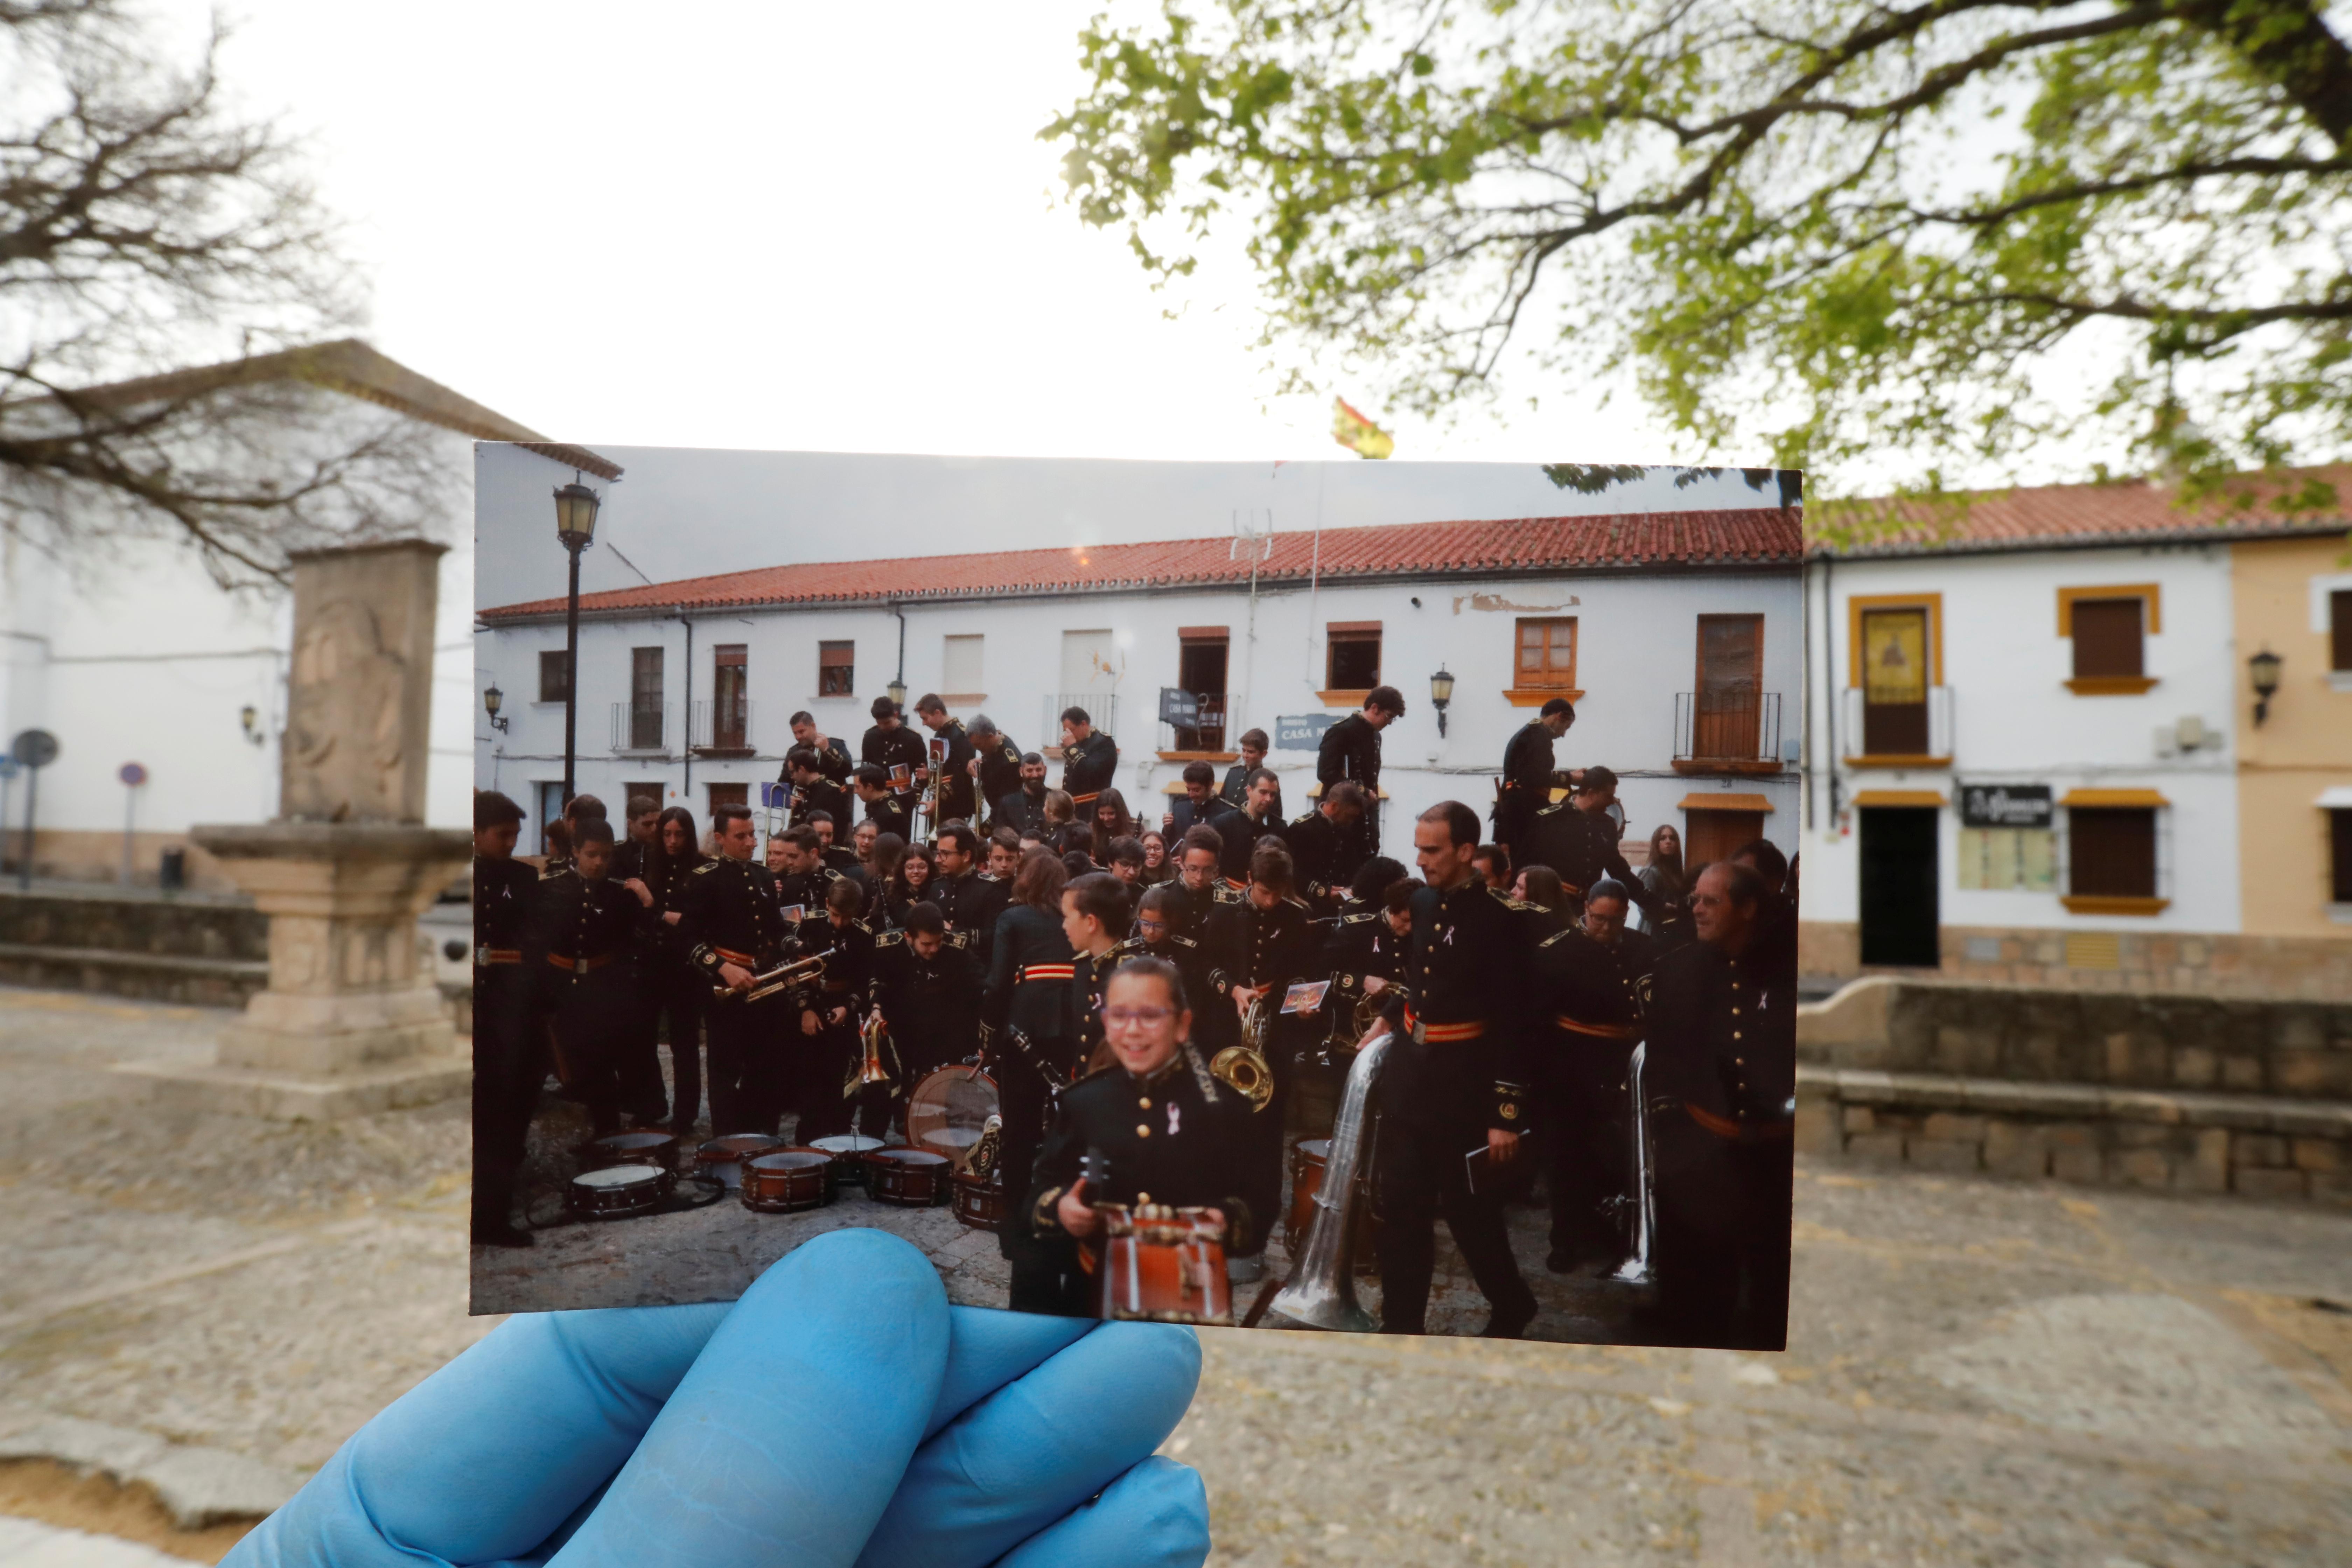 Los miembros de una banda musical se alistaban para su presentación en Ronda, al sur de España